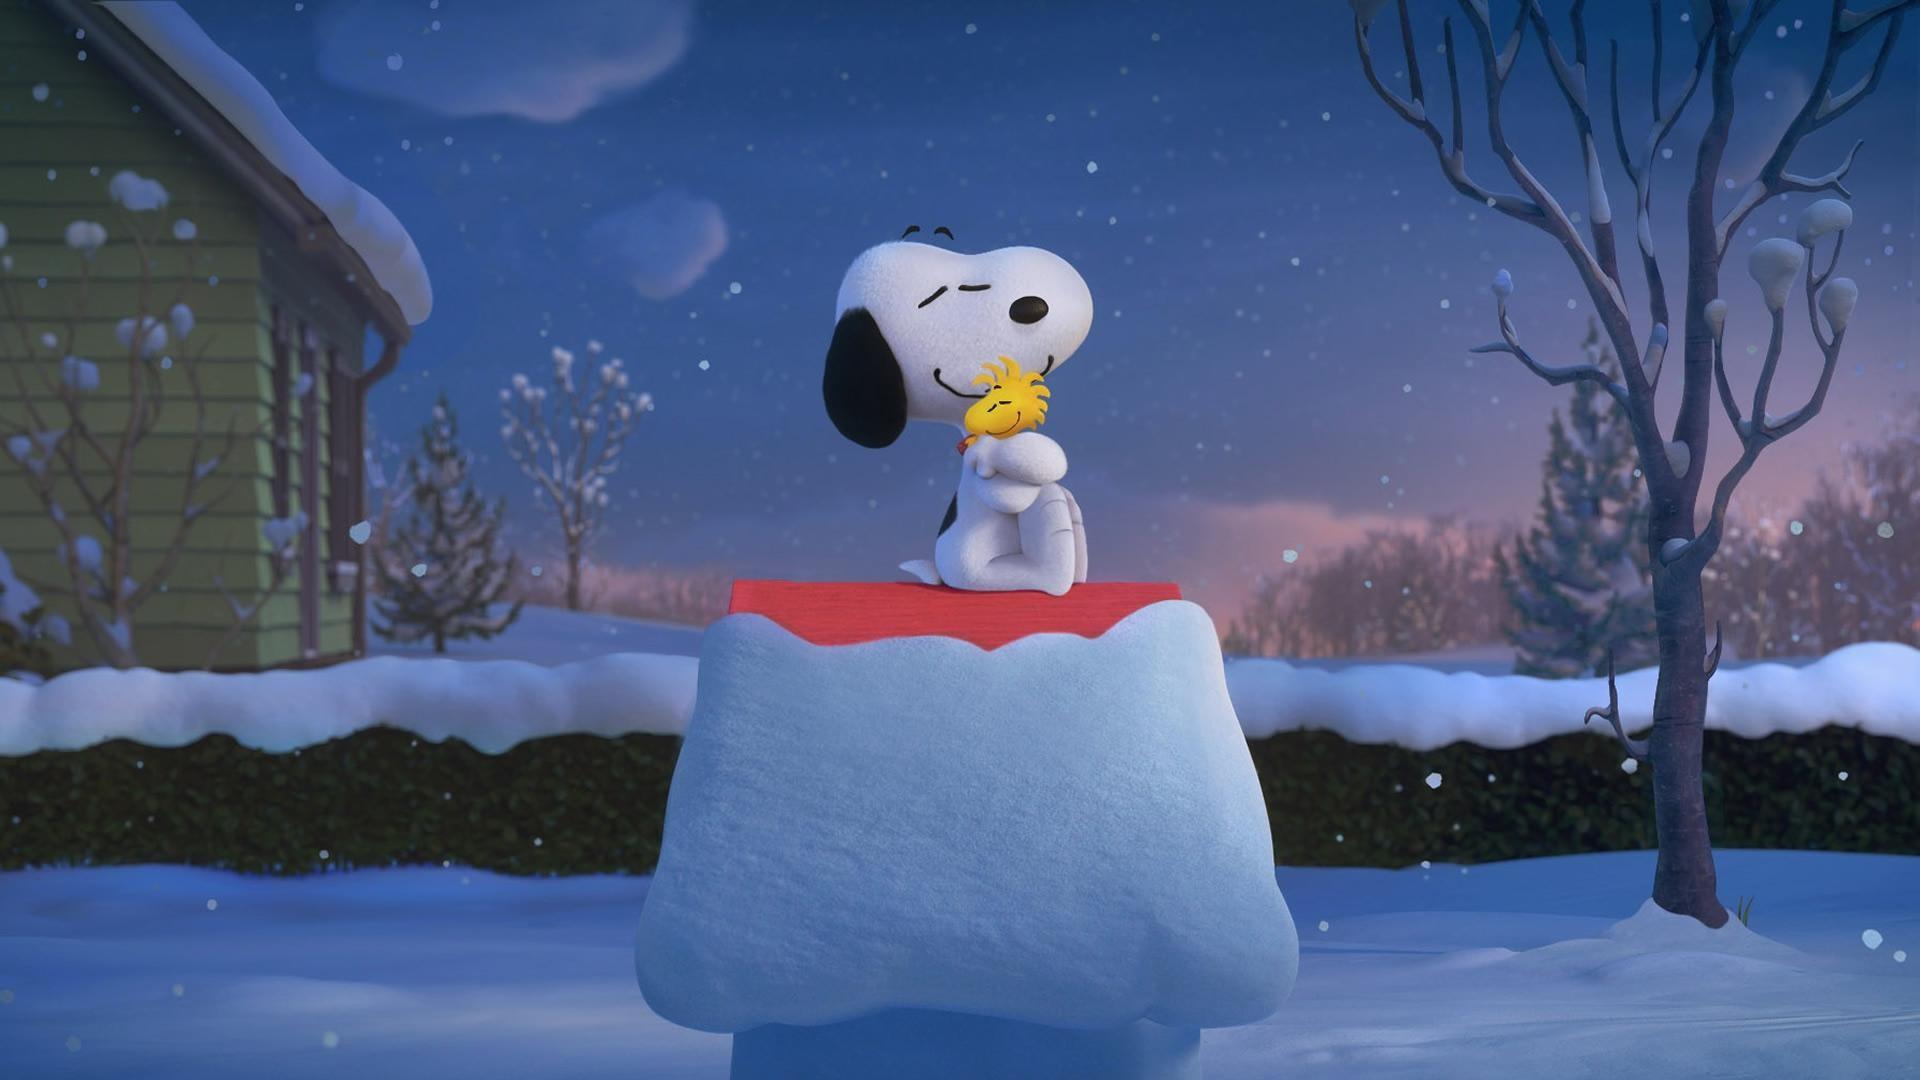 Snoopy-wallpaper-woodstock